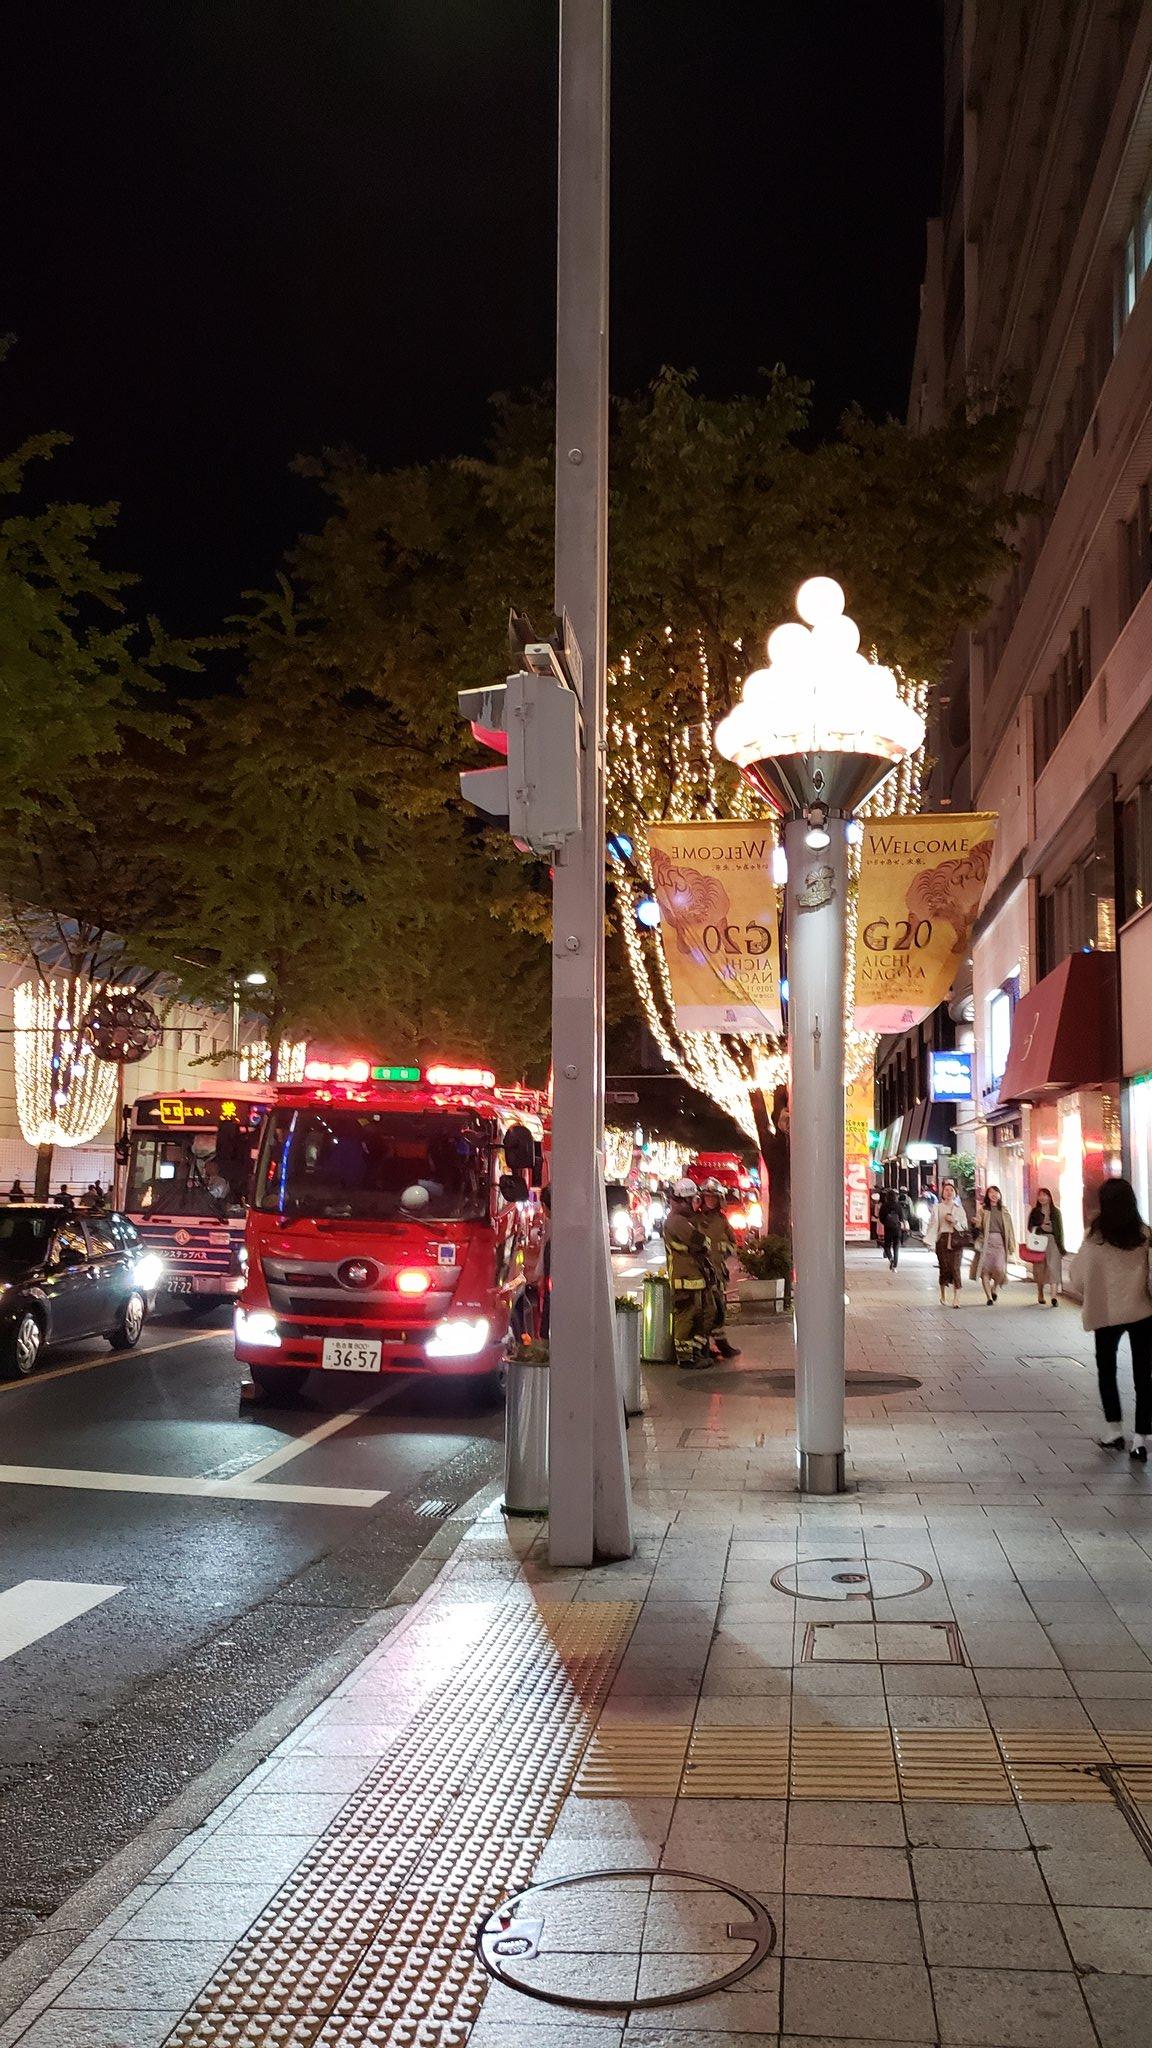 画像,栄来たら消防車めっちゃいたけどヤバそう? https://t.co/MX3Jt9IMGR。